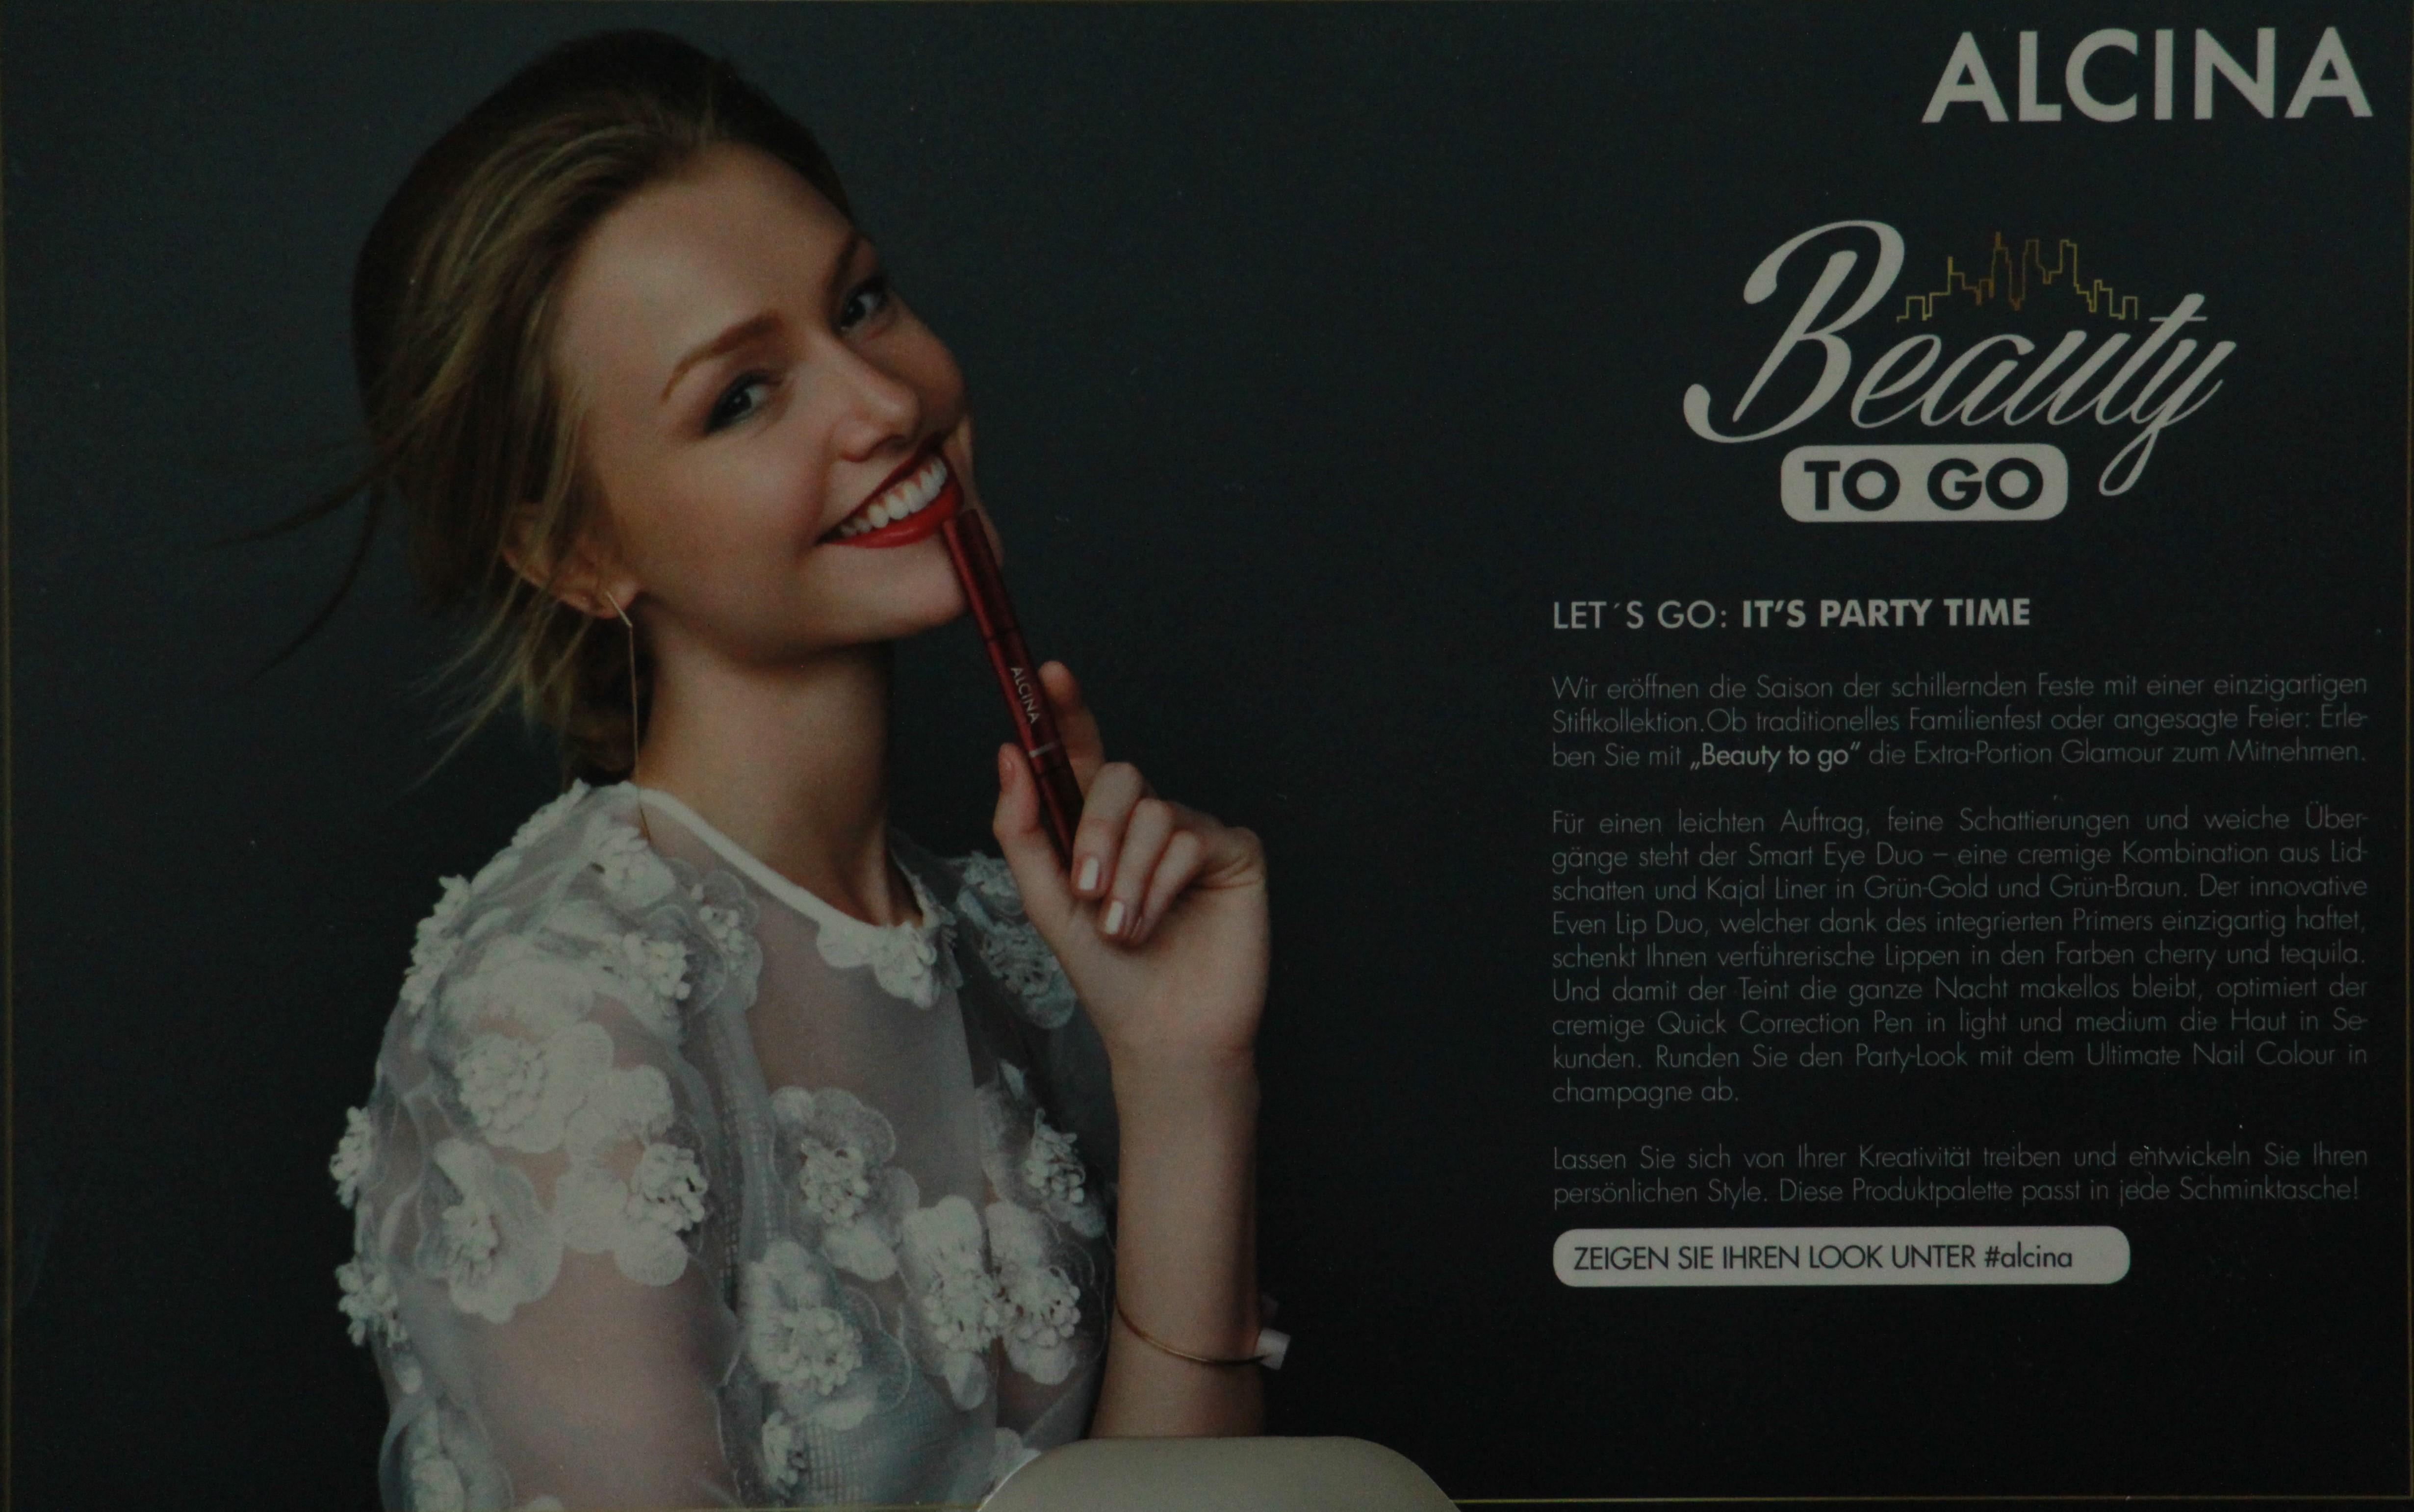 alcina_beauty-to-go_header